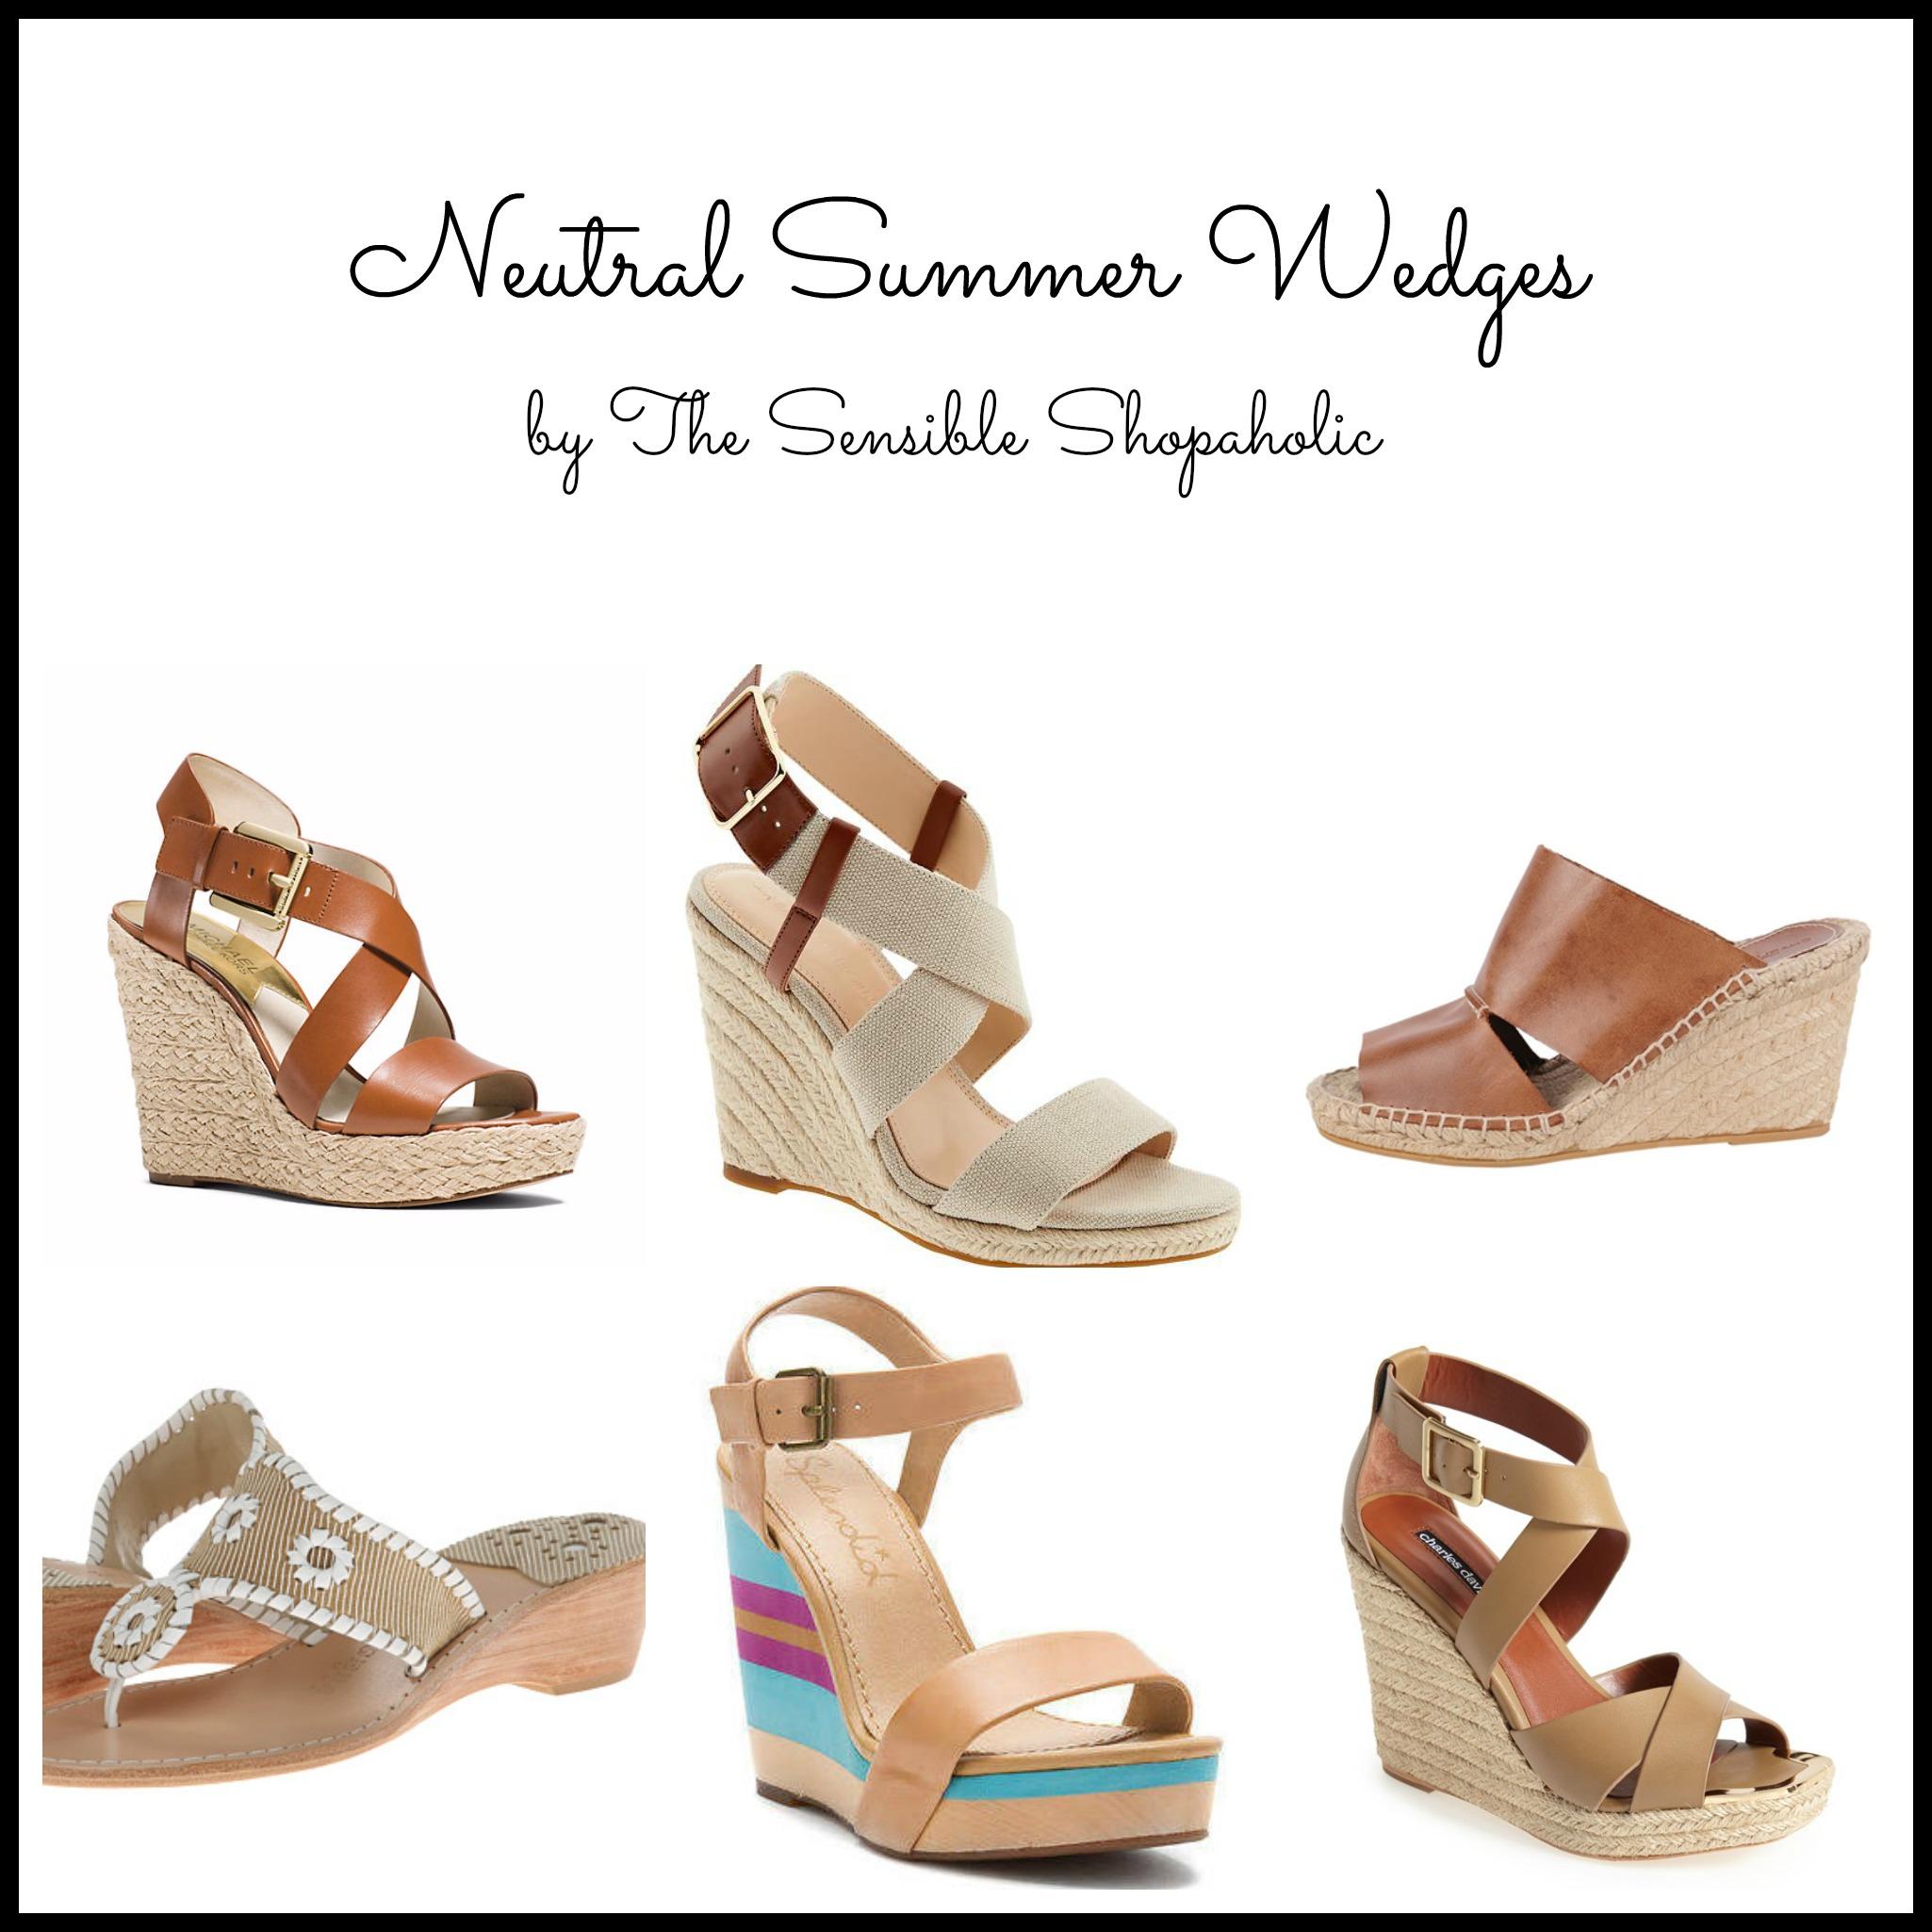 b876161f8bd Neutral Summer Wedges - The Sensible Shopaholic